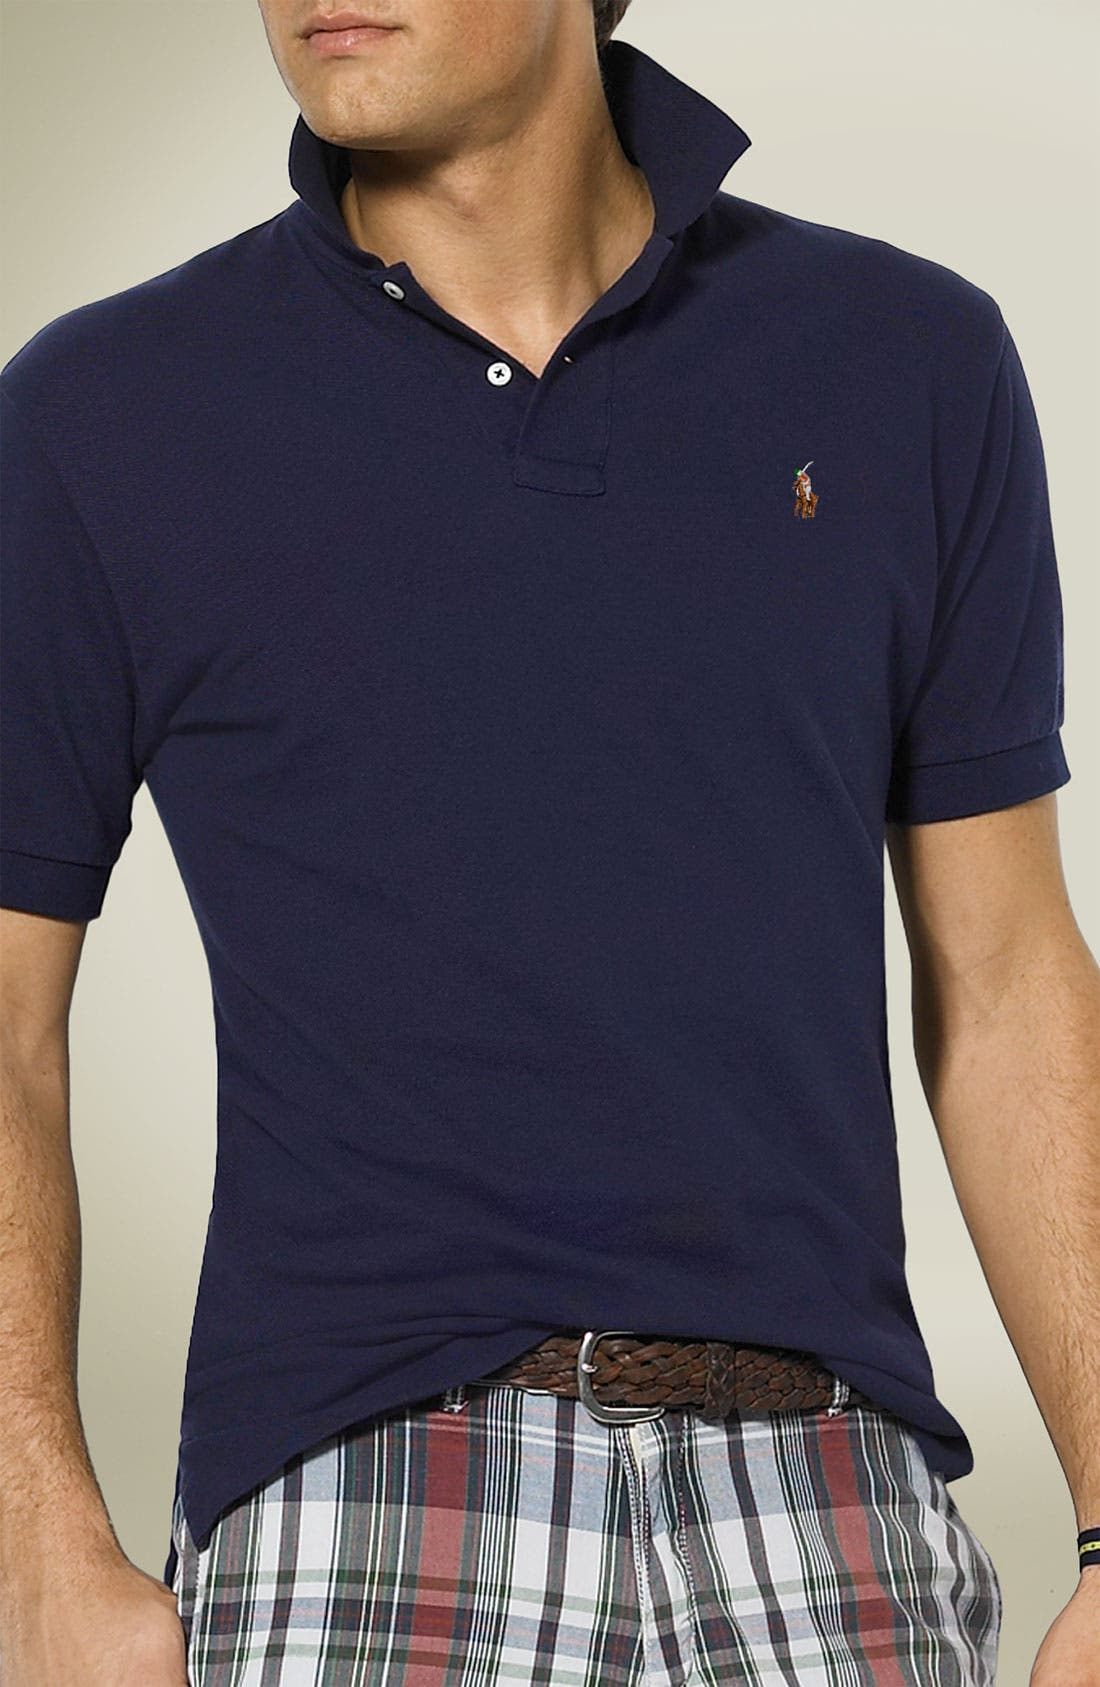 Alternate Image 1 Selected - Polo Ralph Lauren Classic Fit Piqué Cotton Polo